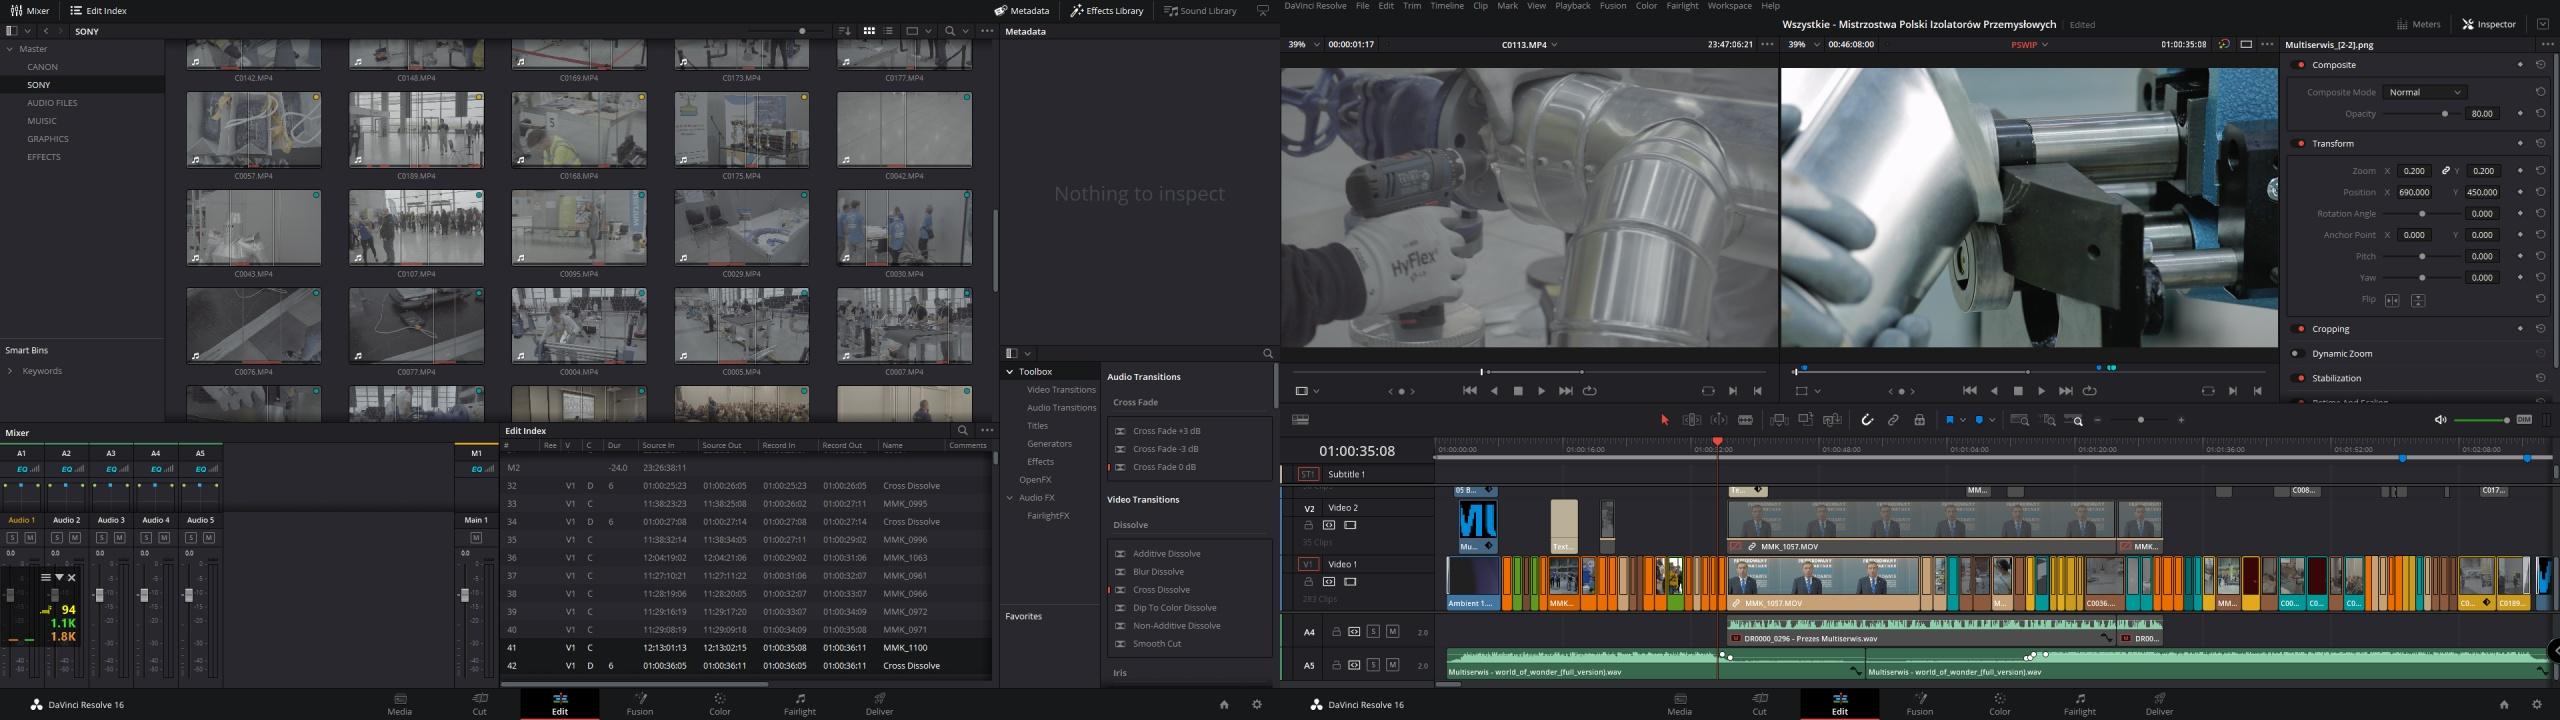 Michał Kokot - IMAGING TECHNICS - nagrywanie, montaż i edycja materiałów video - fotografia i film dla twojego biznesu